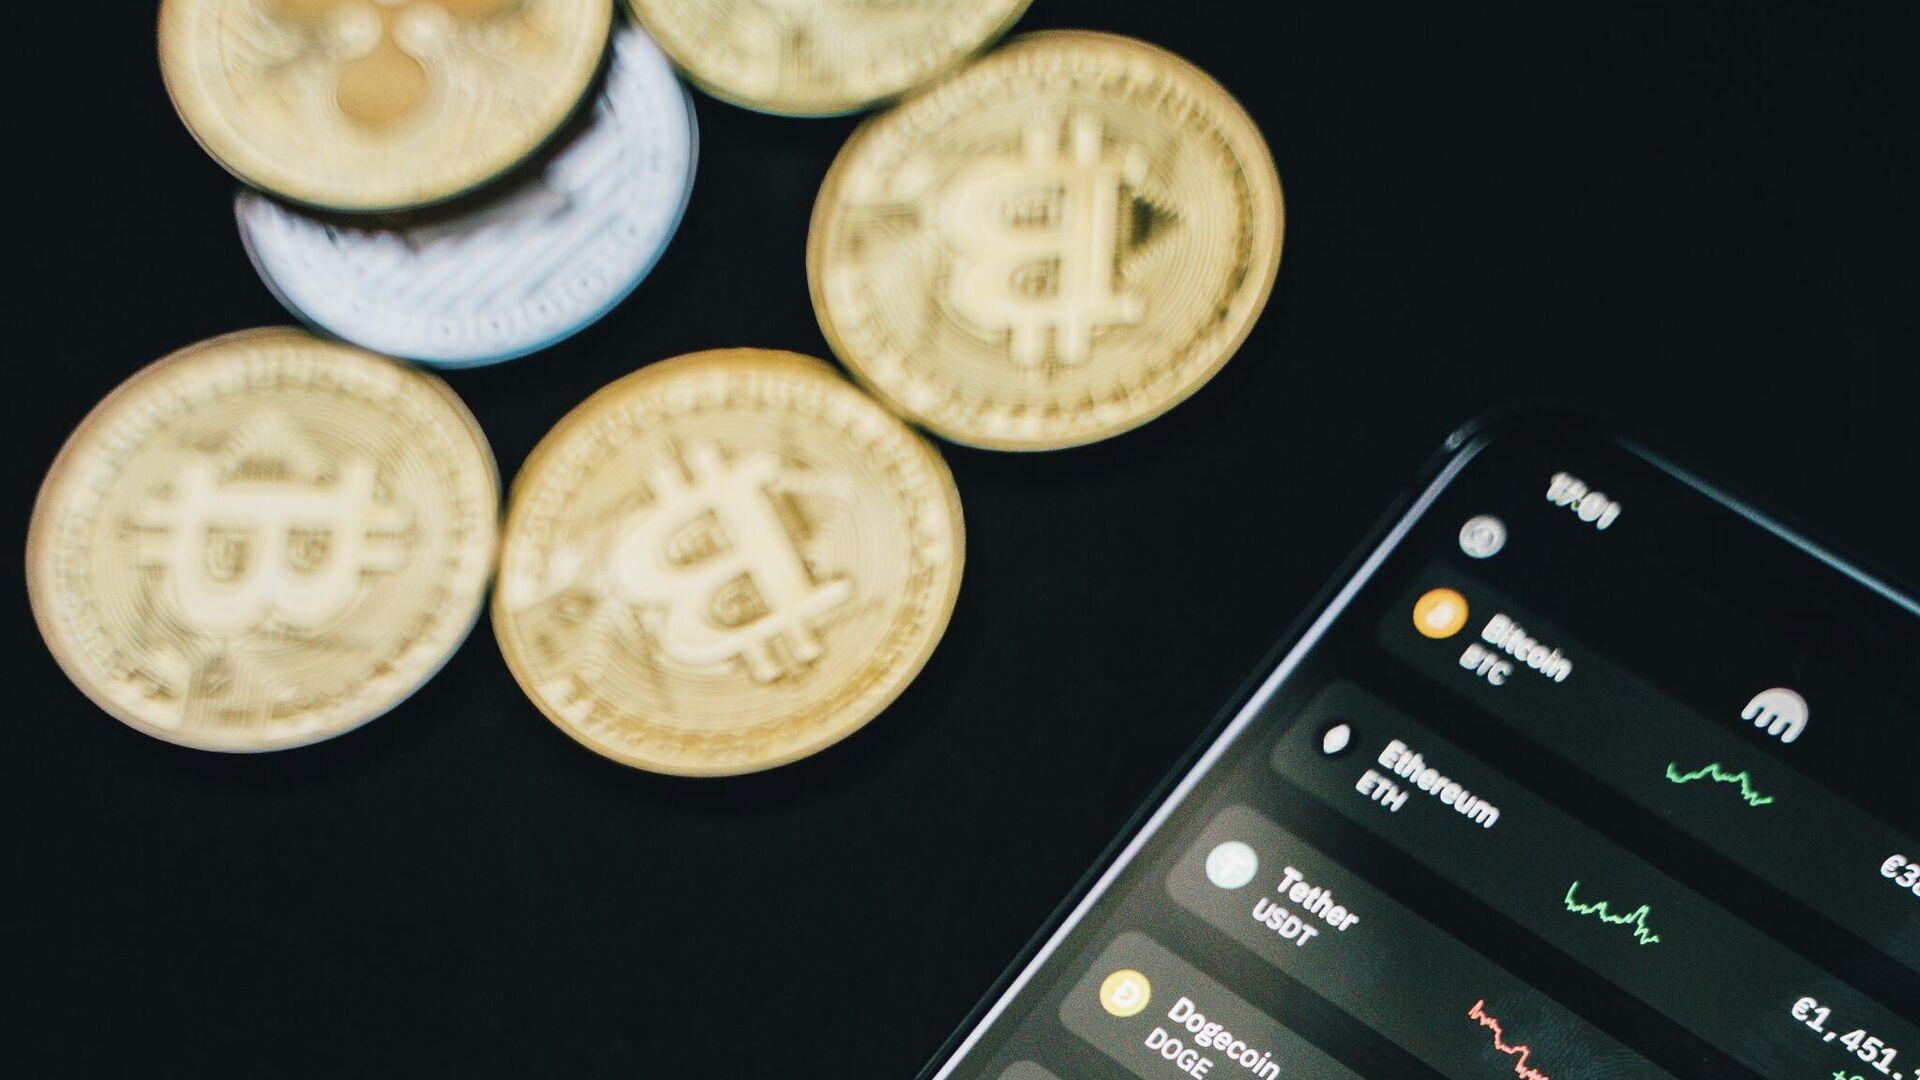 Imagen referencial de app sobre bitcoin - Sputnik Mundo, 1920, 09.09.2021